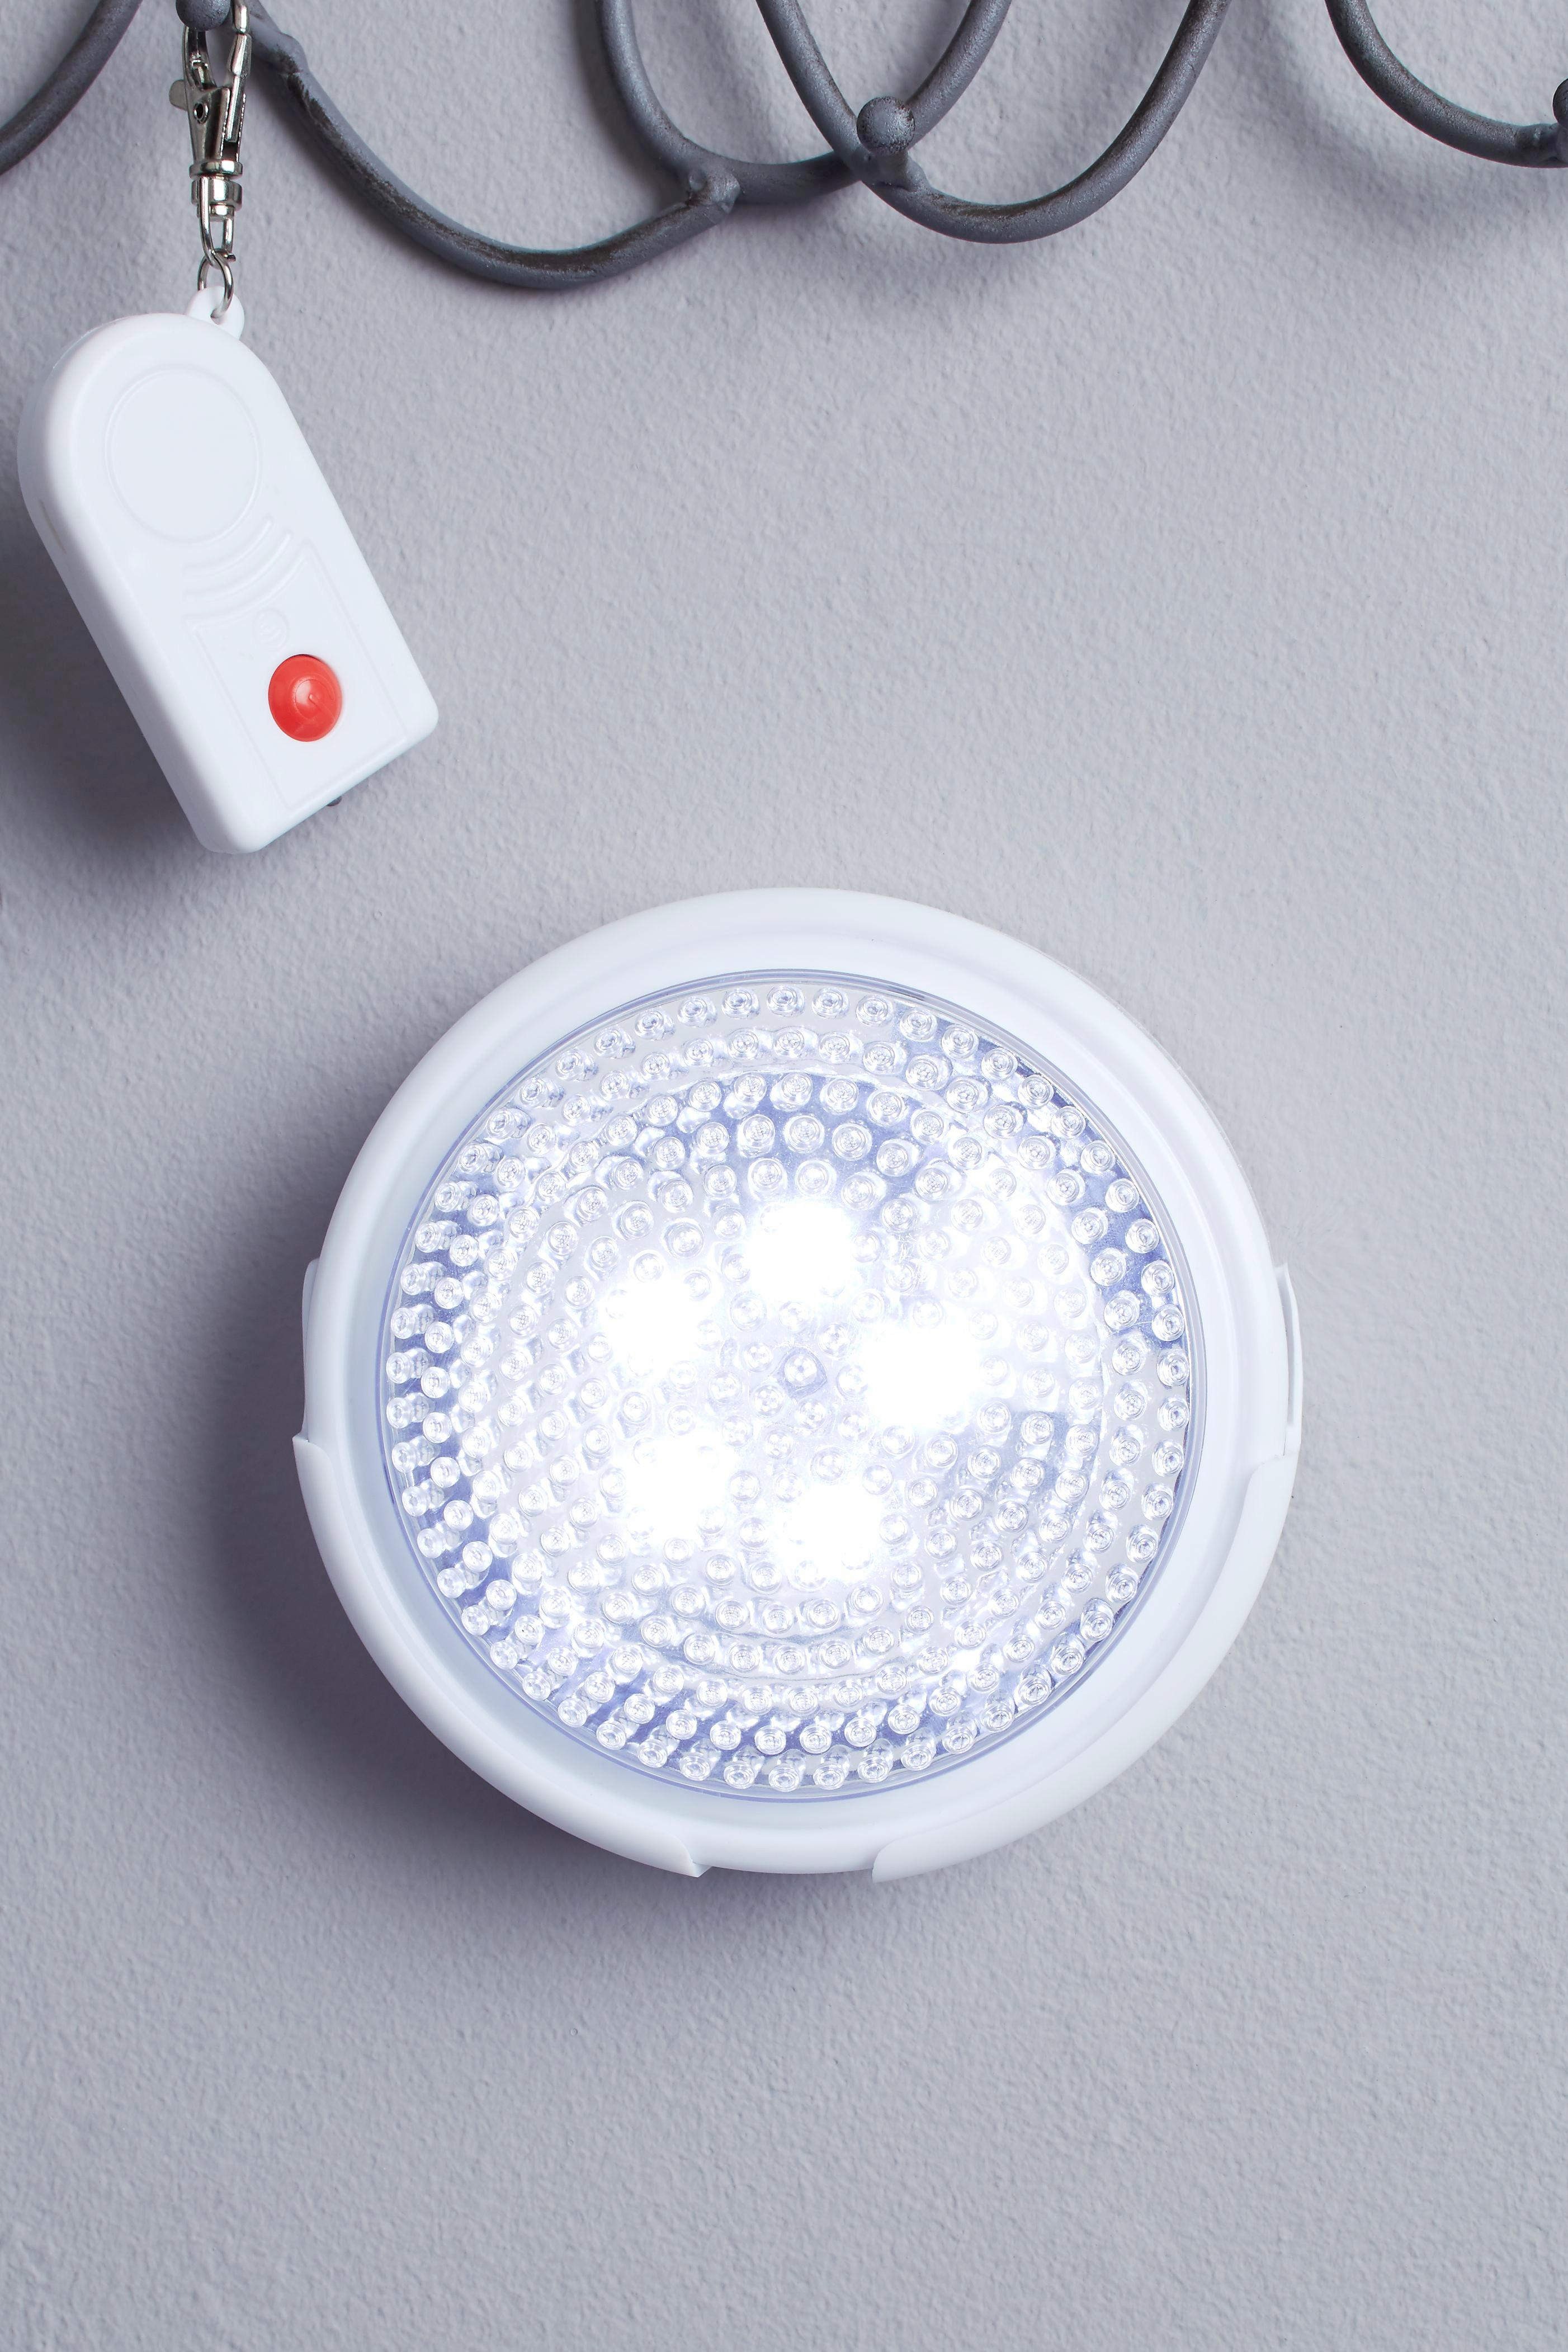 Led-dekorvilágítás Th-r-19 - fehér, műanyag/fém (12,5cm)